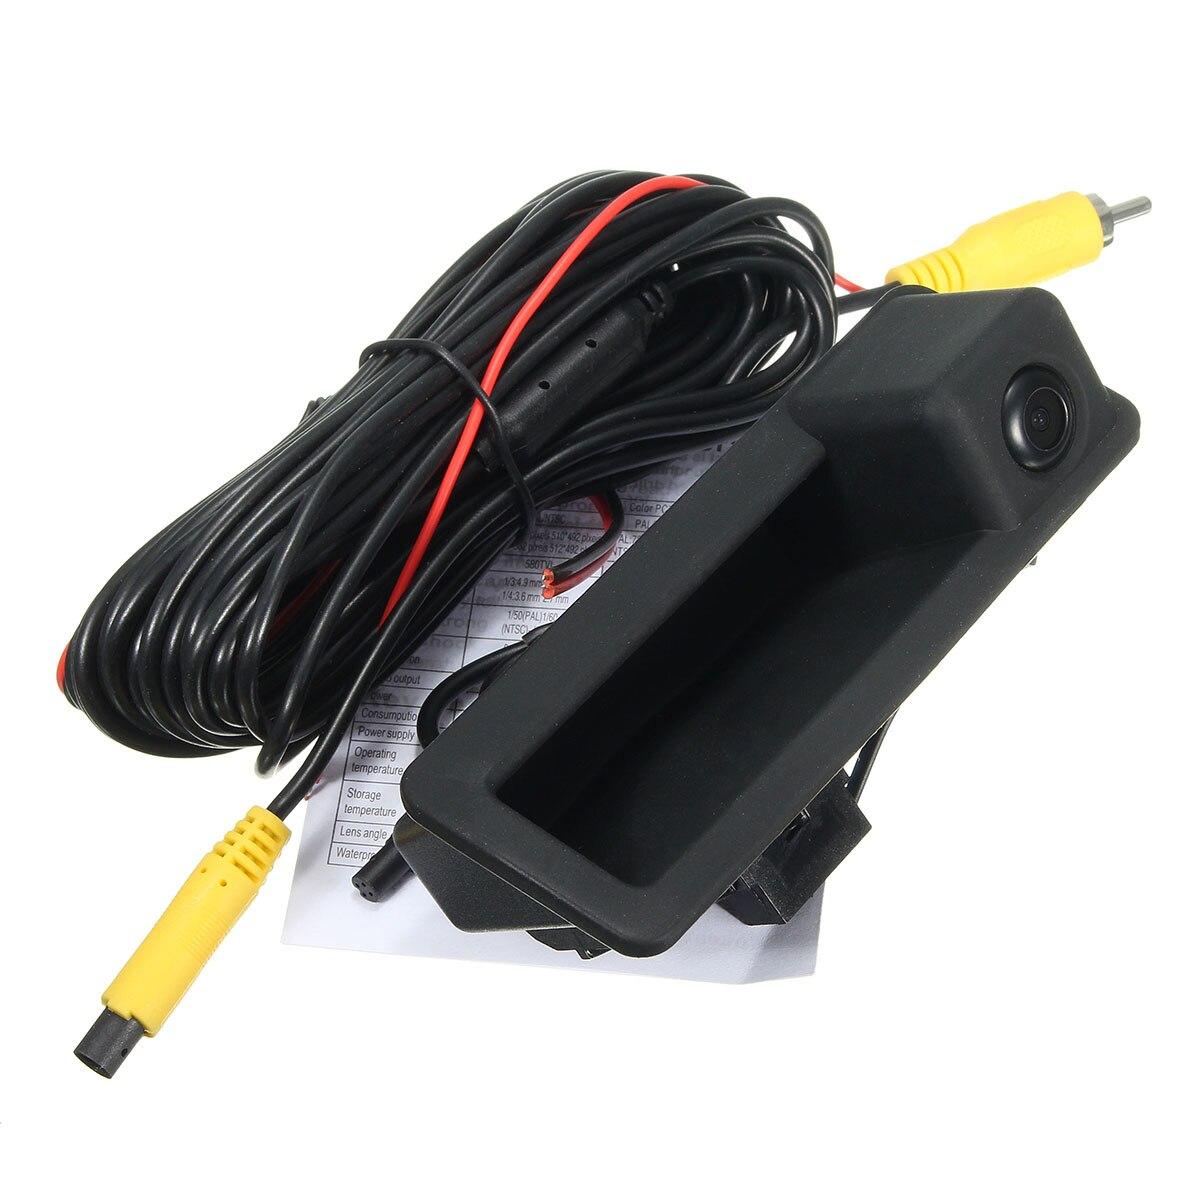 HD CCD tronco interruptor mango vista trasera cámara de marcha atrás para BMW 3/5/X5 SeriesE90 E60 E70 coches modelo impermeable de 170 grados